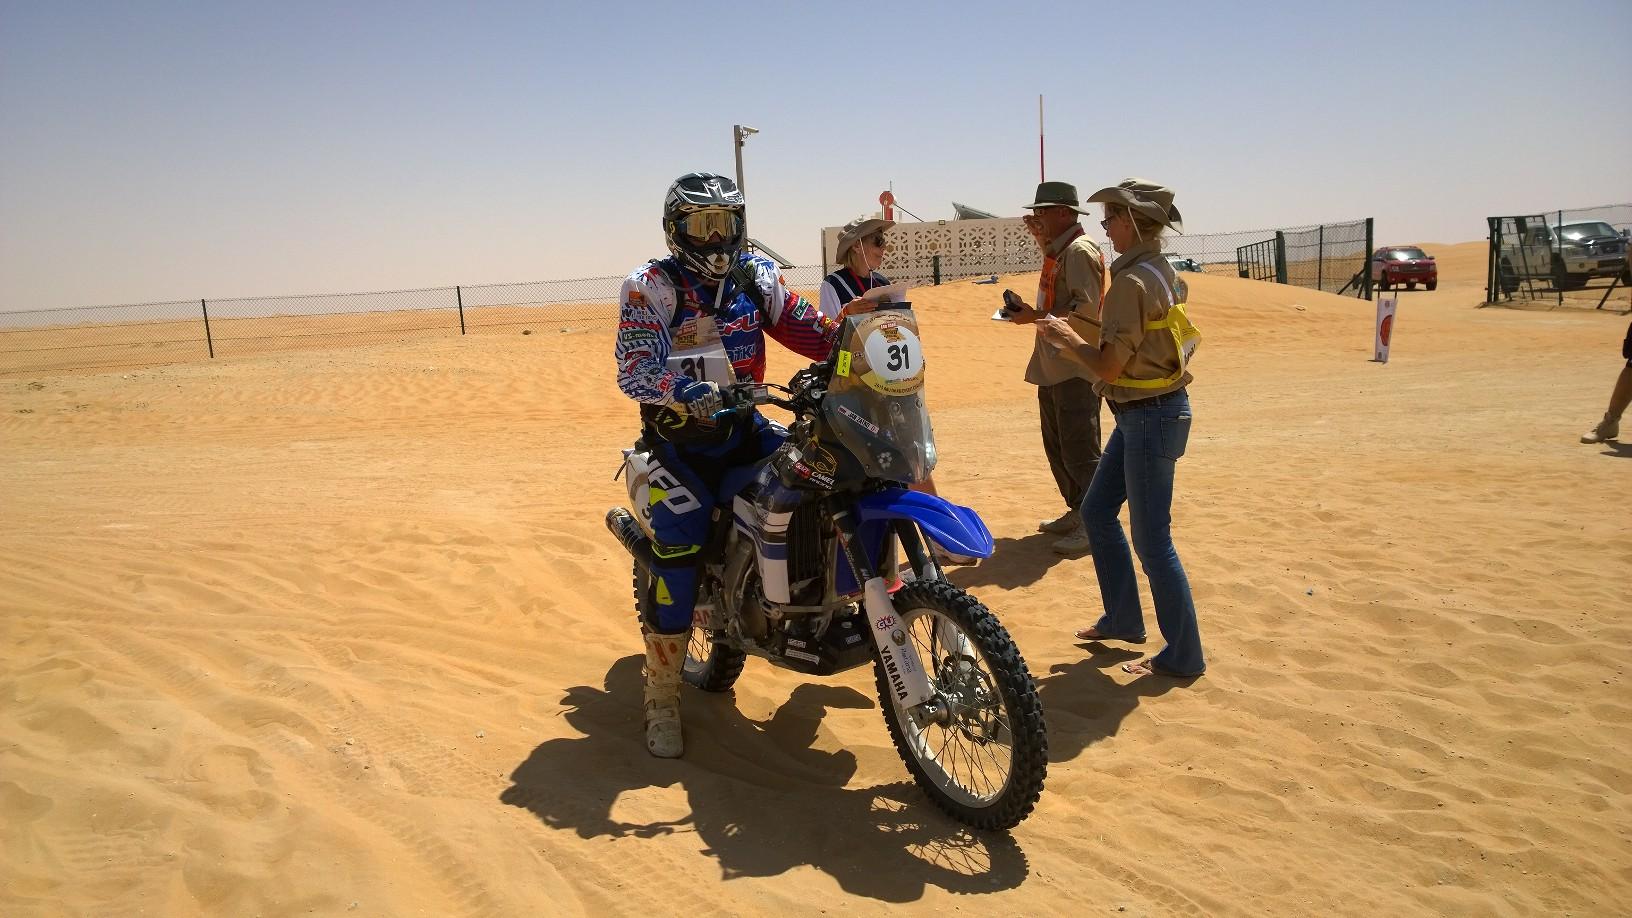 Abu Dhabi Desert Challenge 2015 Yamaha WR450F Rally 4